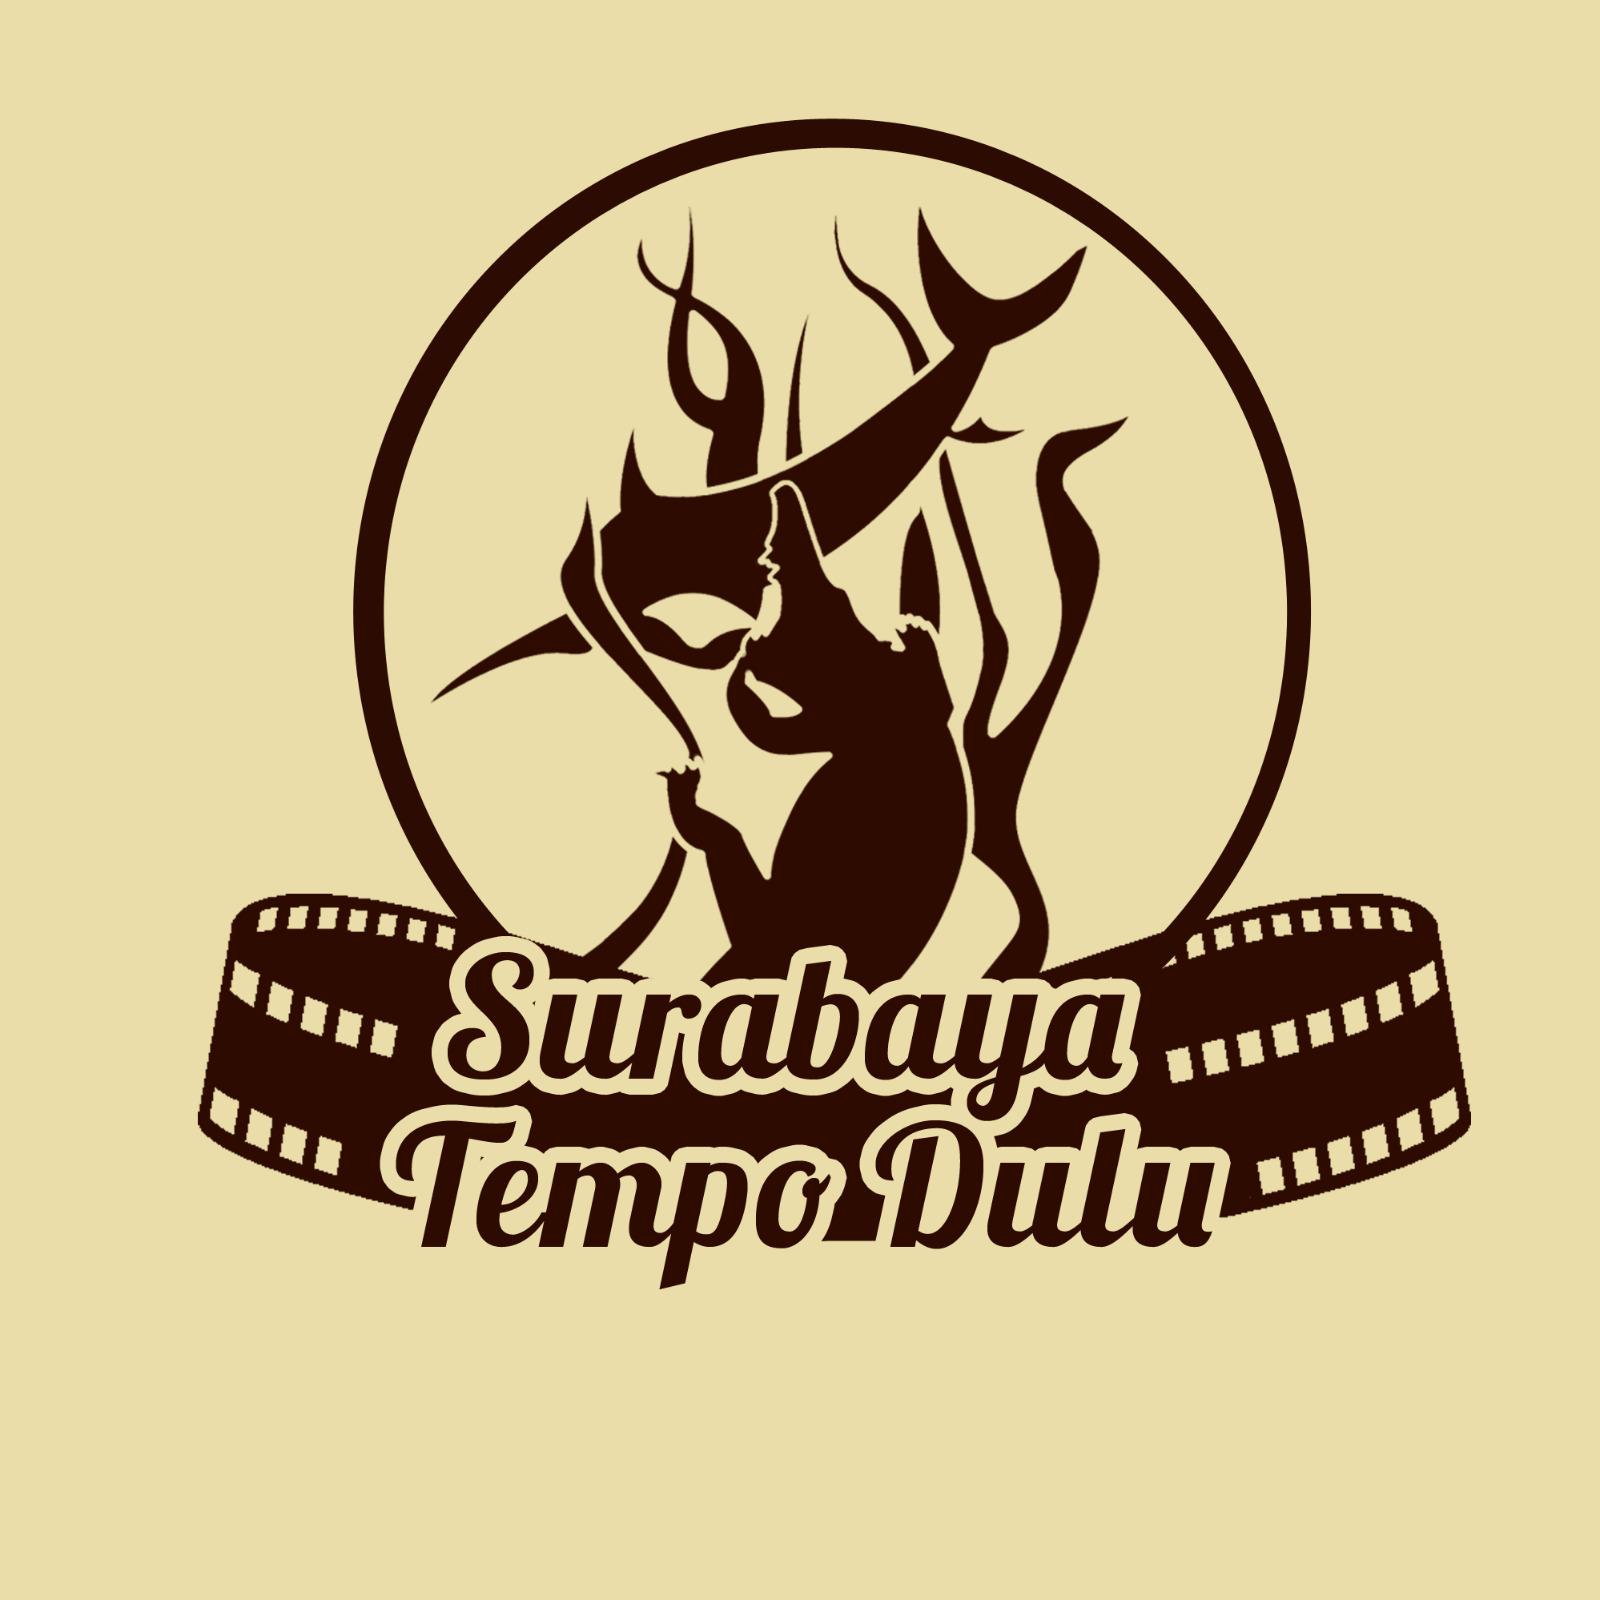 Surabaya Tempo Dulu Acara Pemutaran Film Bersama Hasil Karya Pecinta